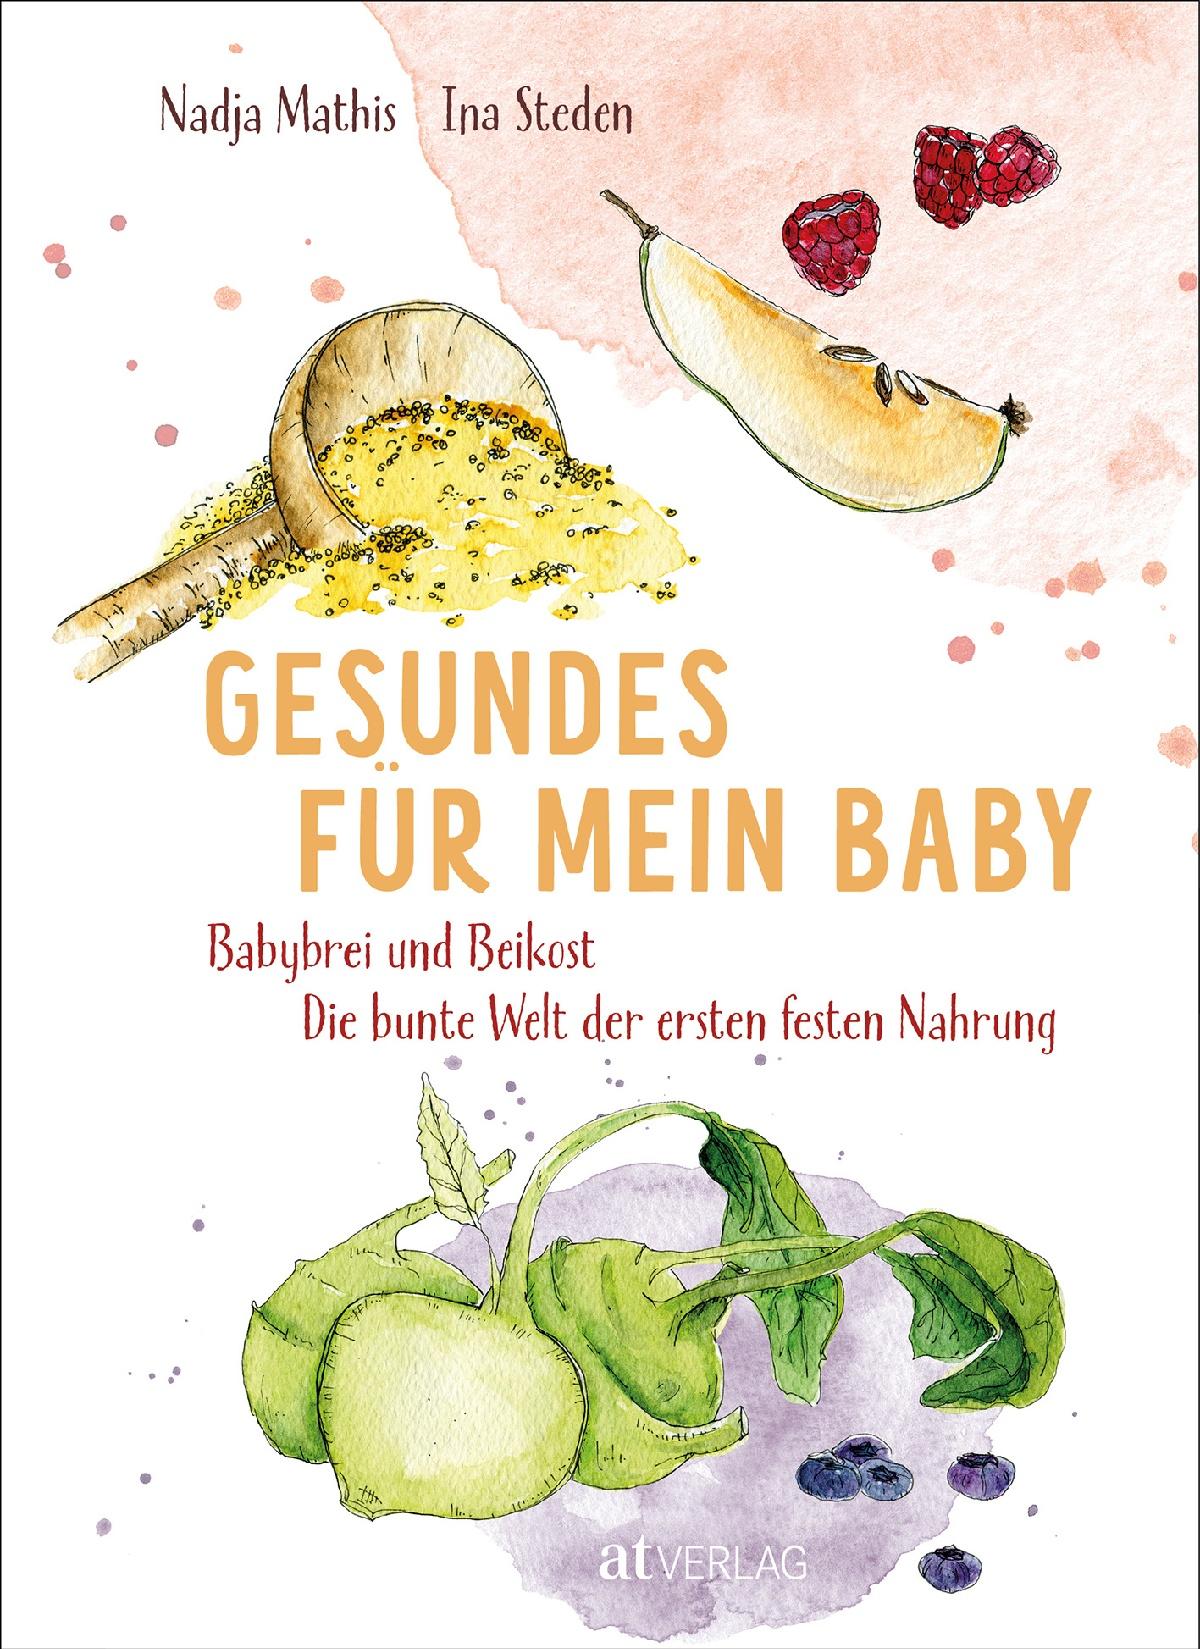 Gesundes_fuer_mein_Baby_InaSteden